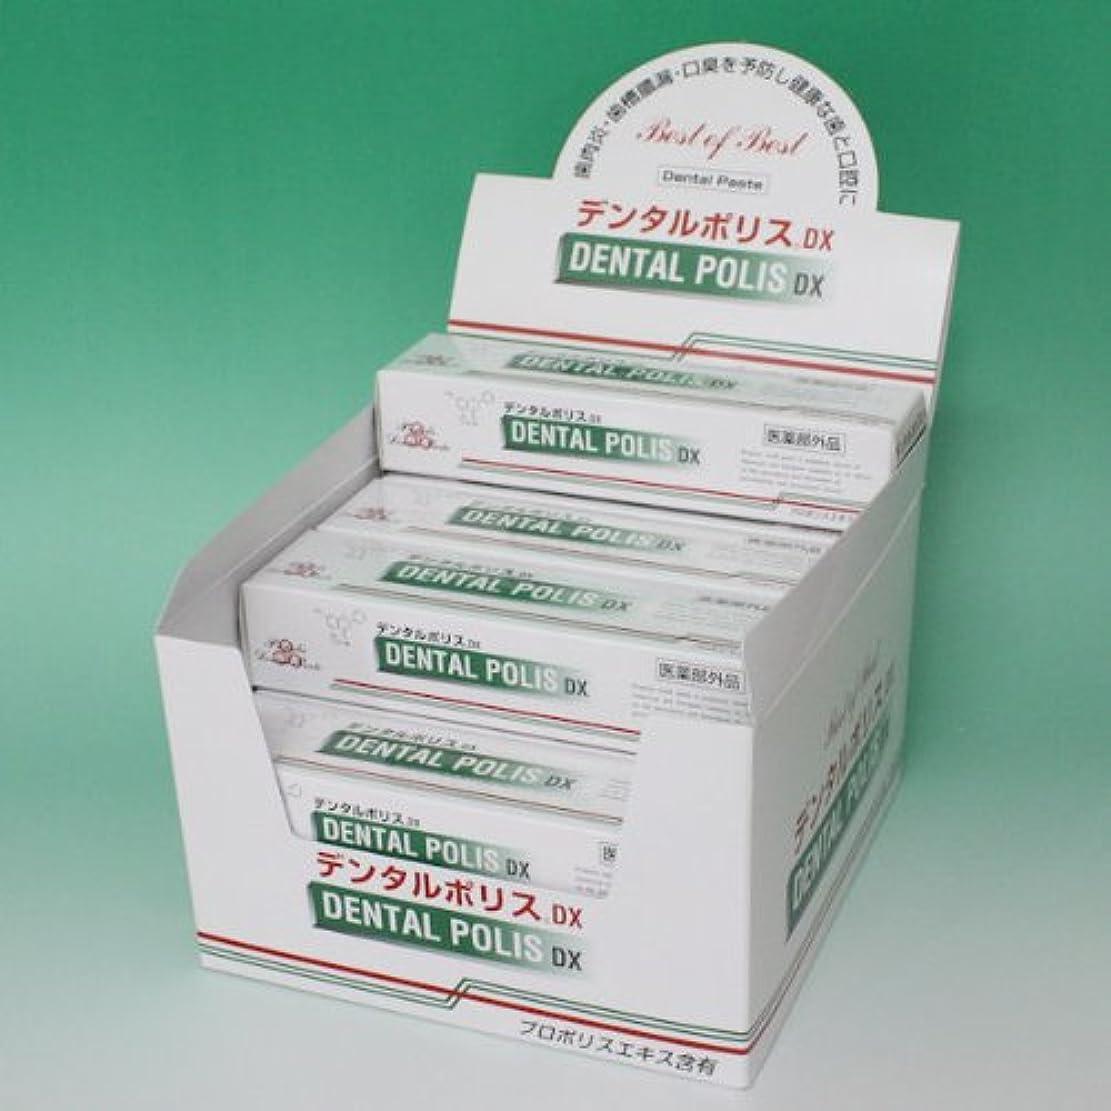 コットンせがむ金銭的なデンタルポリスDX 80g  12本セット 医薬部外品  歯みがき 8gサンプル2本 進呈!